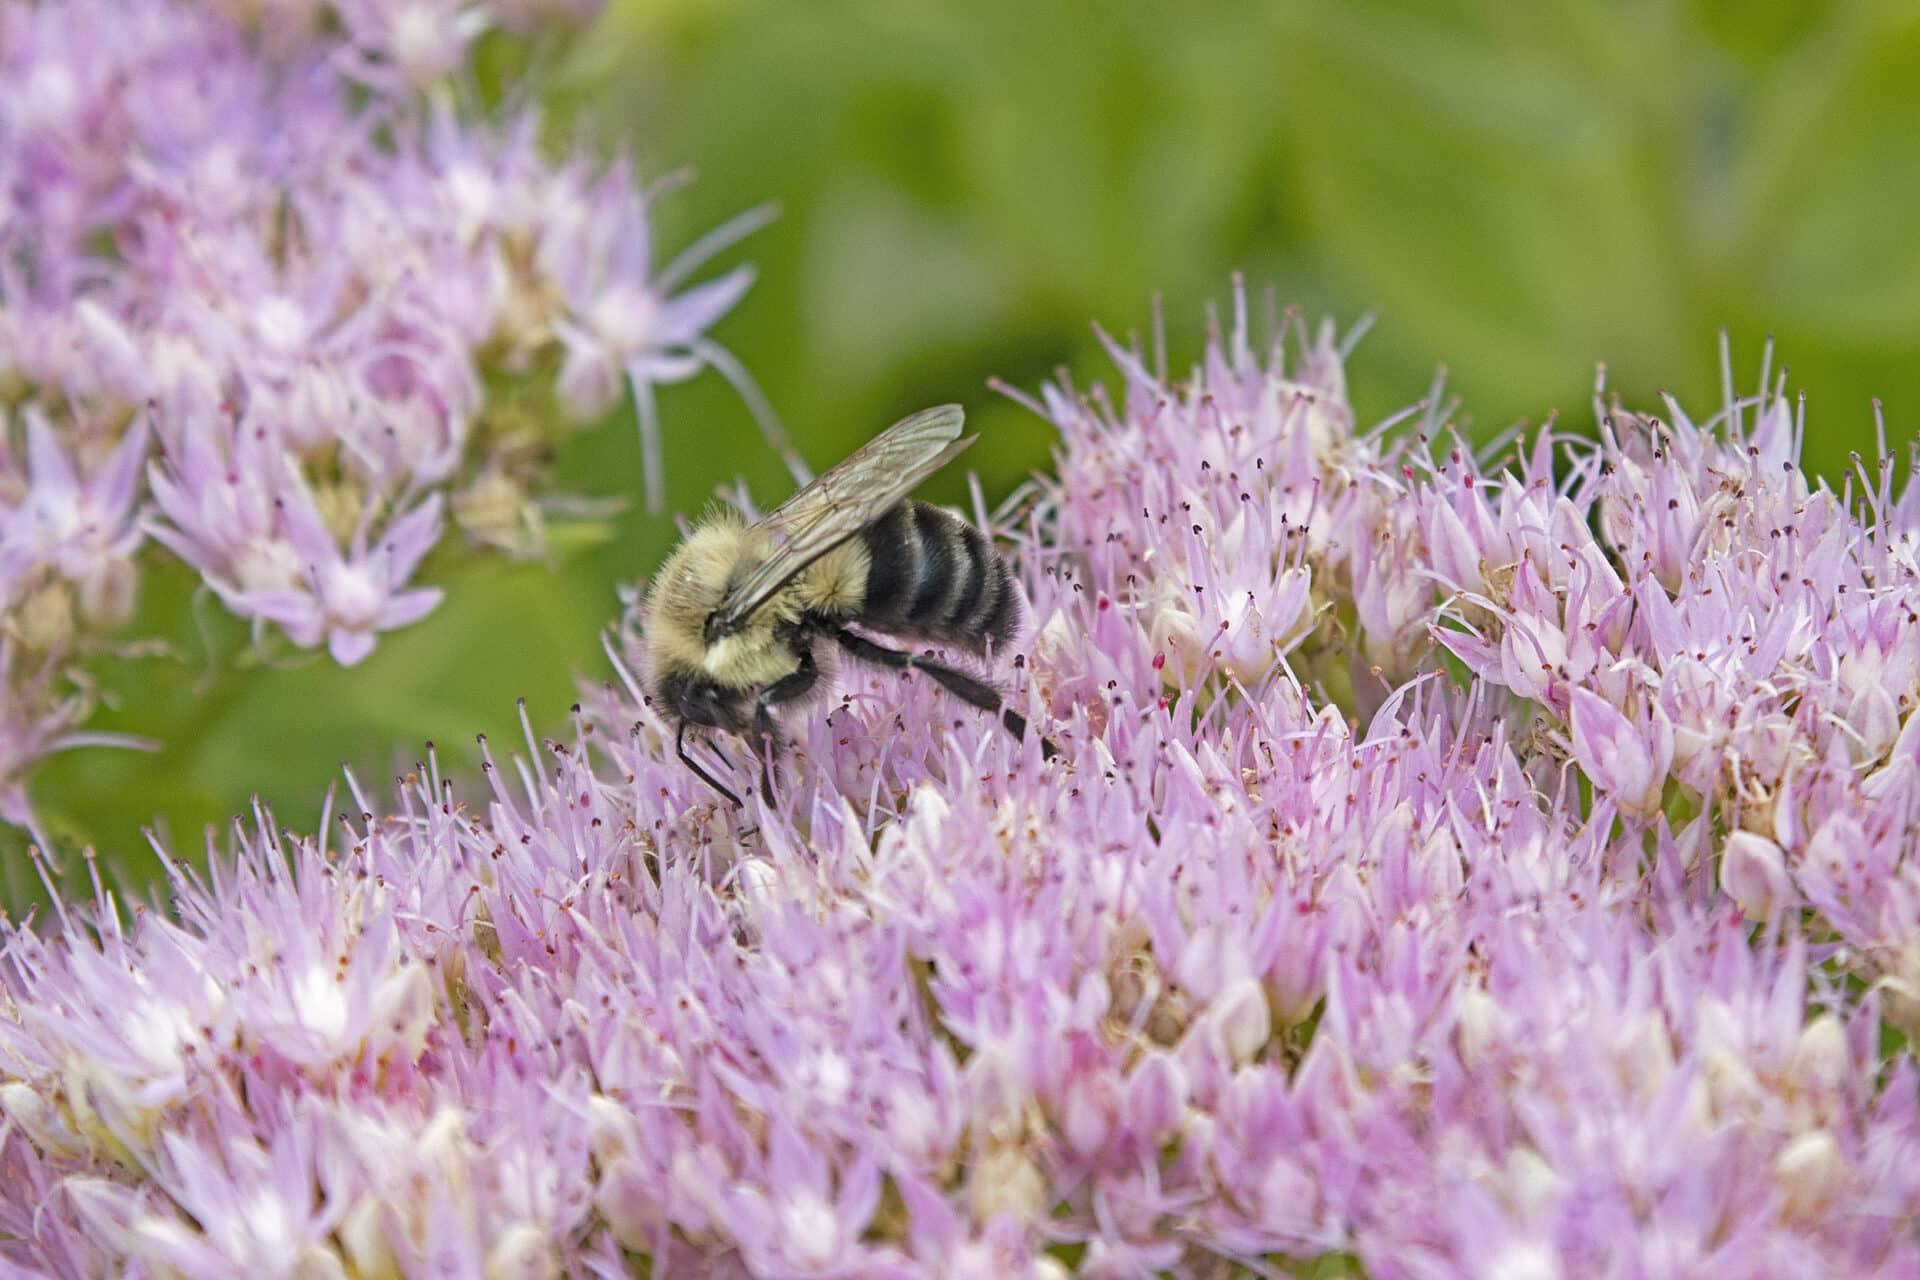 Bee, September 3, 2021